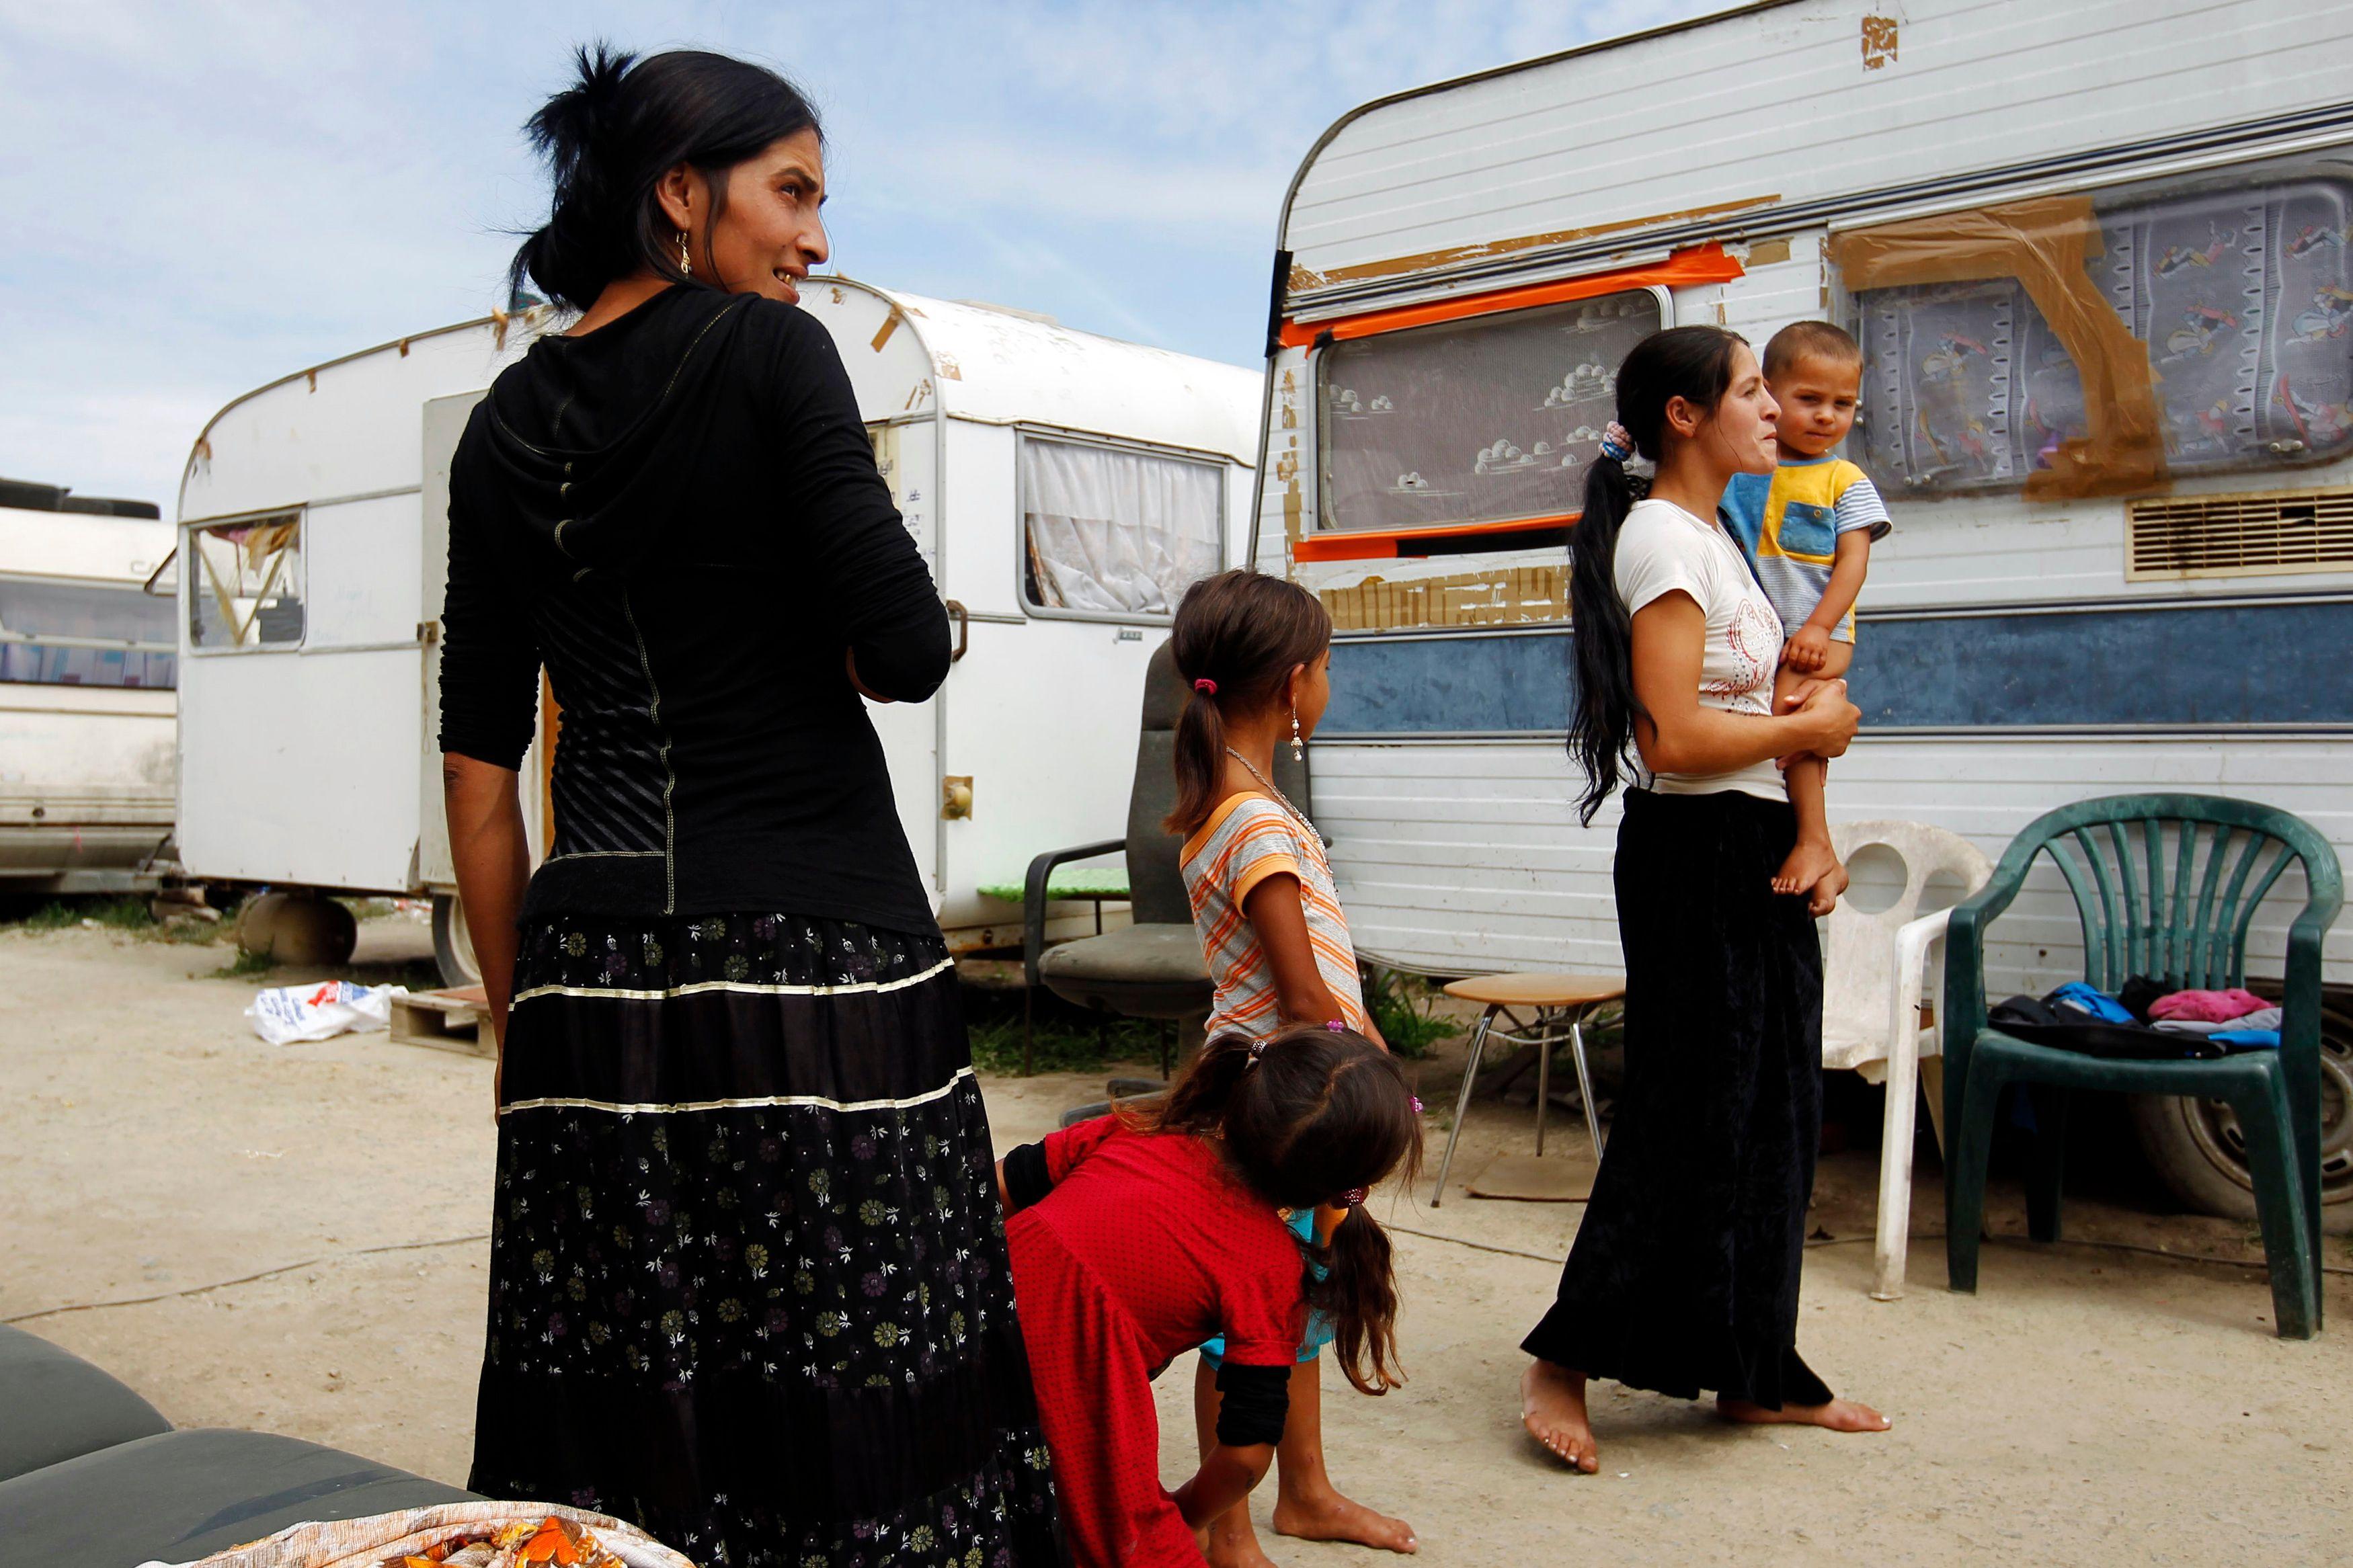 """Une note interne à un commissariat du 6e arrondissement de Paris demande """"de localiser les familles roms vivant dans la rue et de les évincer systématiquement"""""""